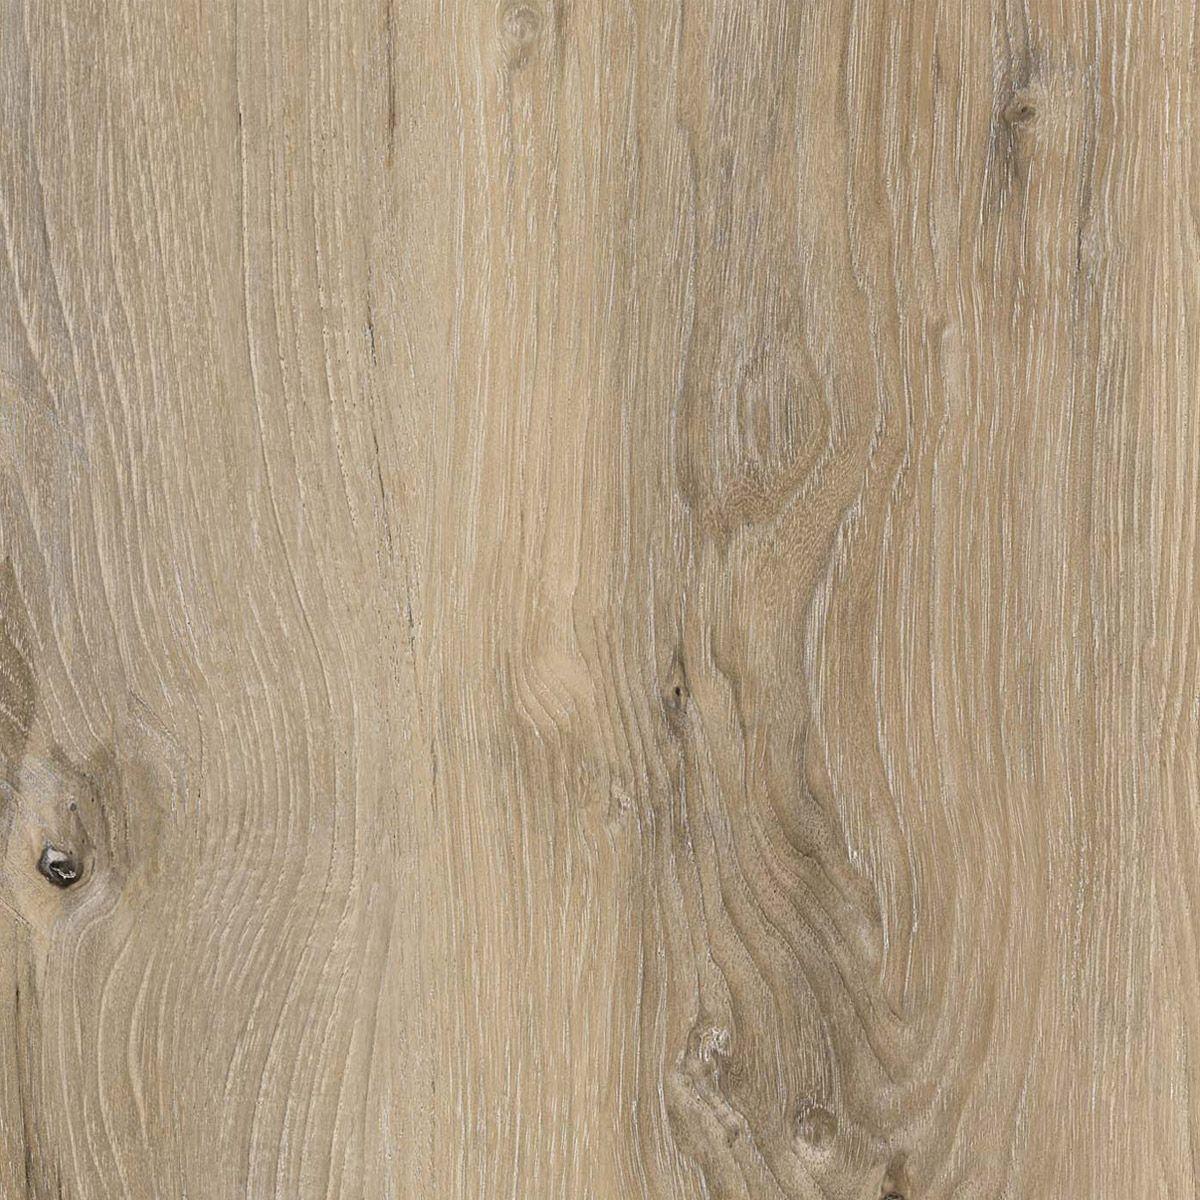 Lame PVC clipsable chêne naturel raboté 5,5mm Casoria